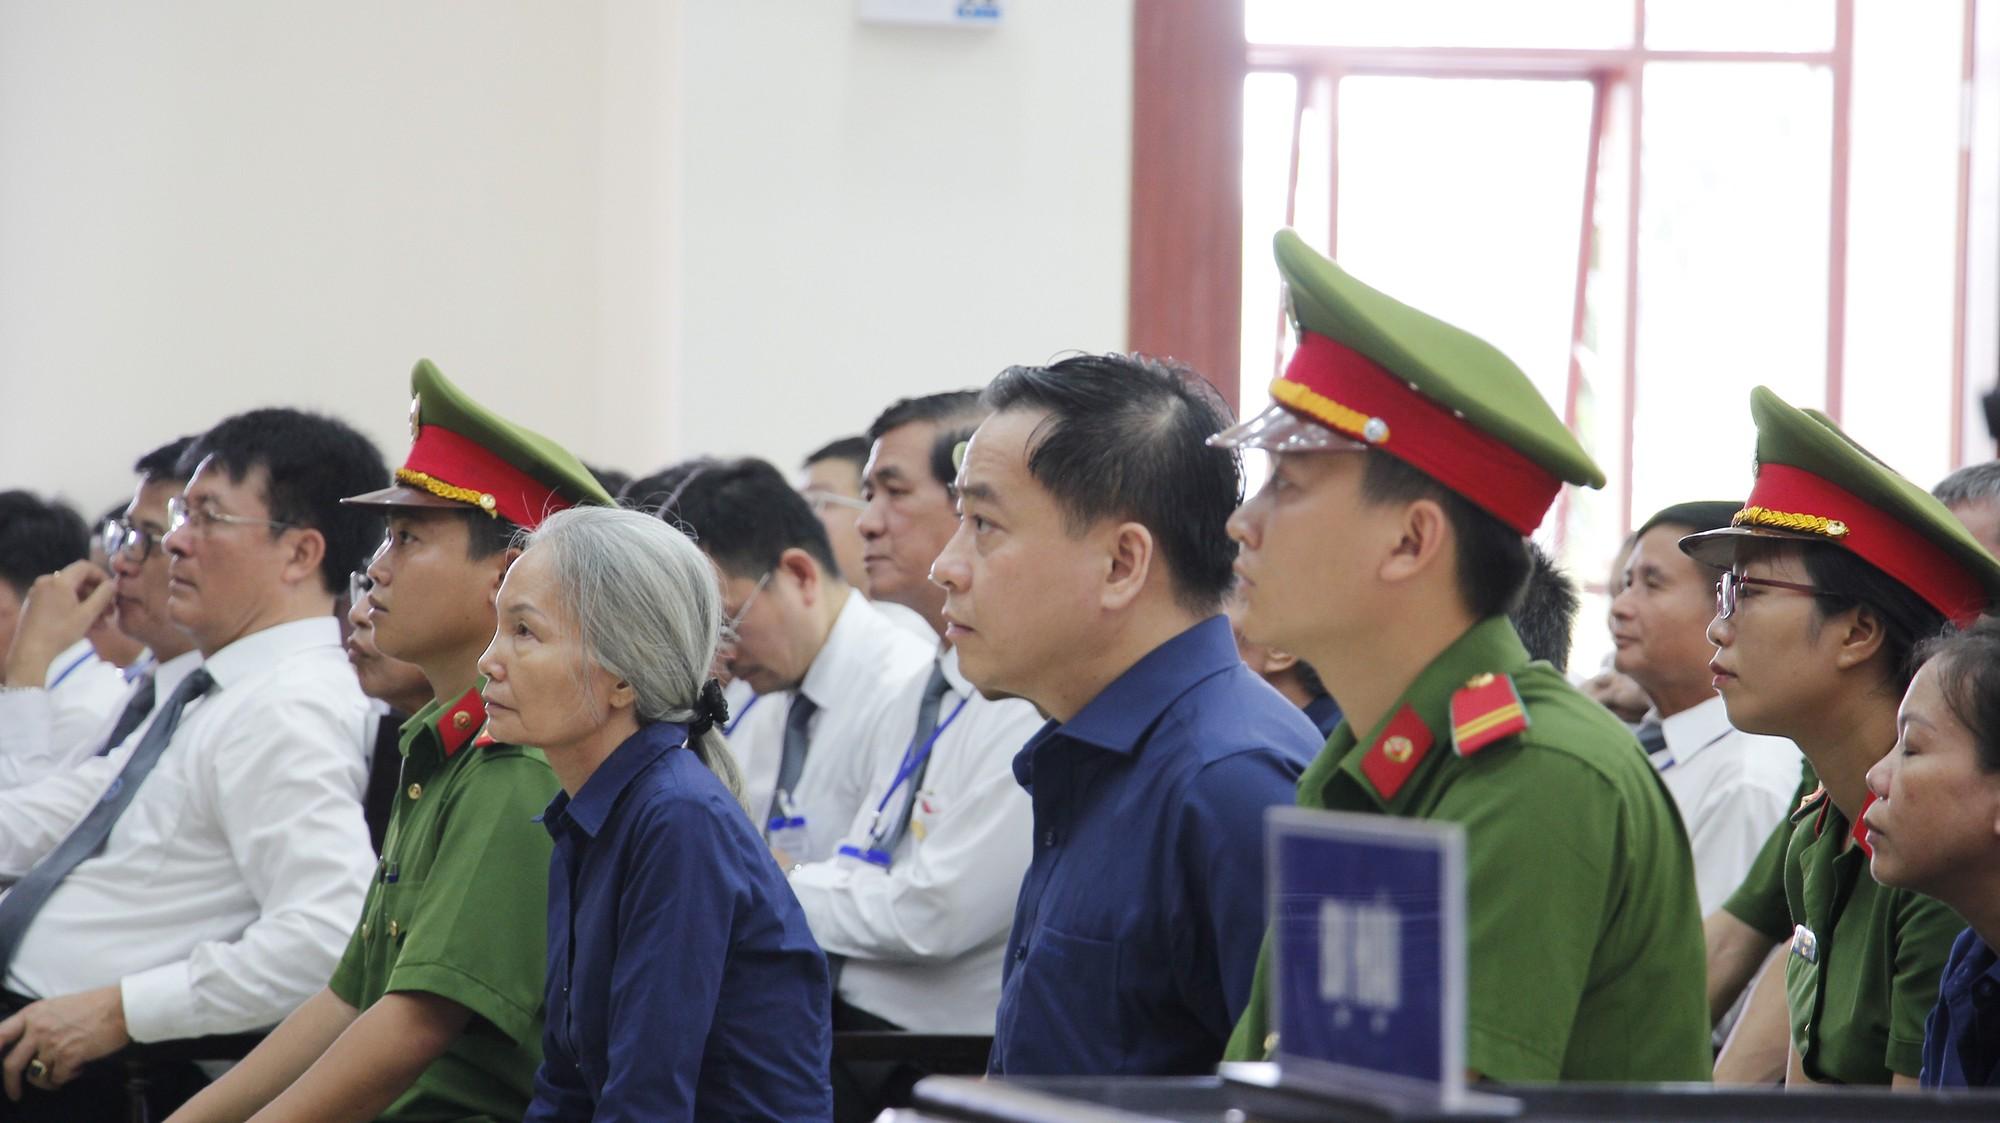 Phan Văn Anh Vũ: Hãy xử bị cáo bằng đúng pháp luật - Ảnh 2.